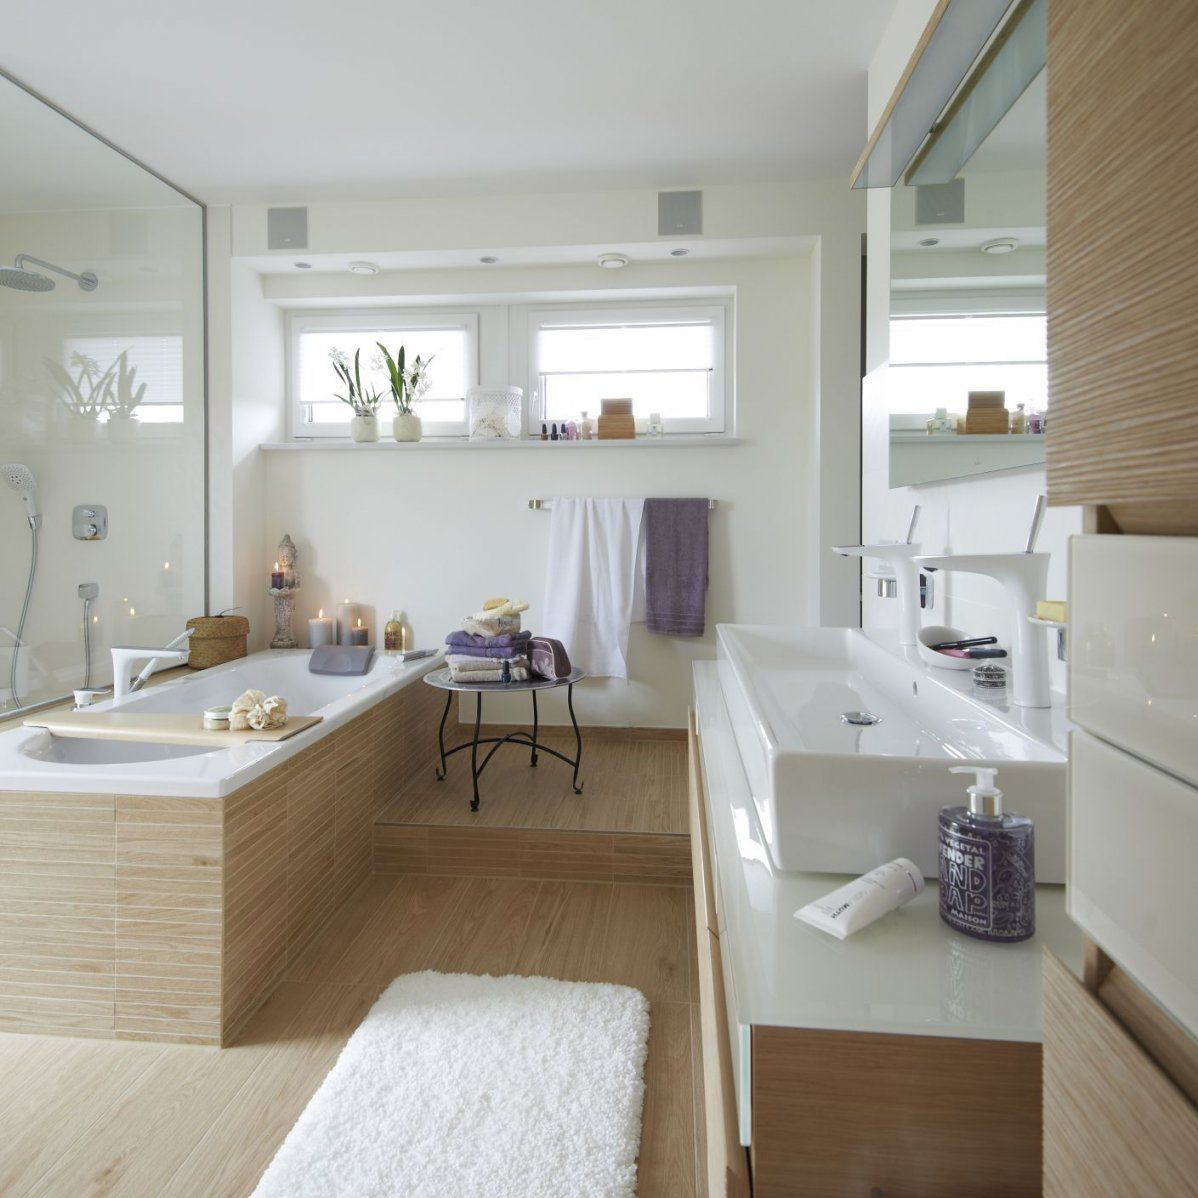 Badezimmer Im Holzstyle Zu Finden Unter Villeroy & Boch Nature Side von Fliesen Holzoptik Villeroy Boch Bild